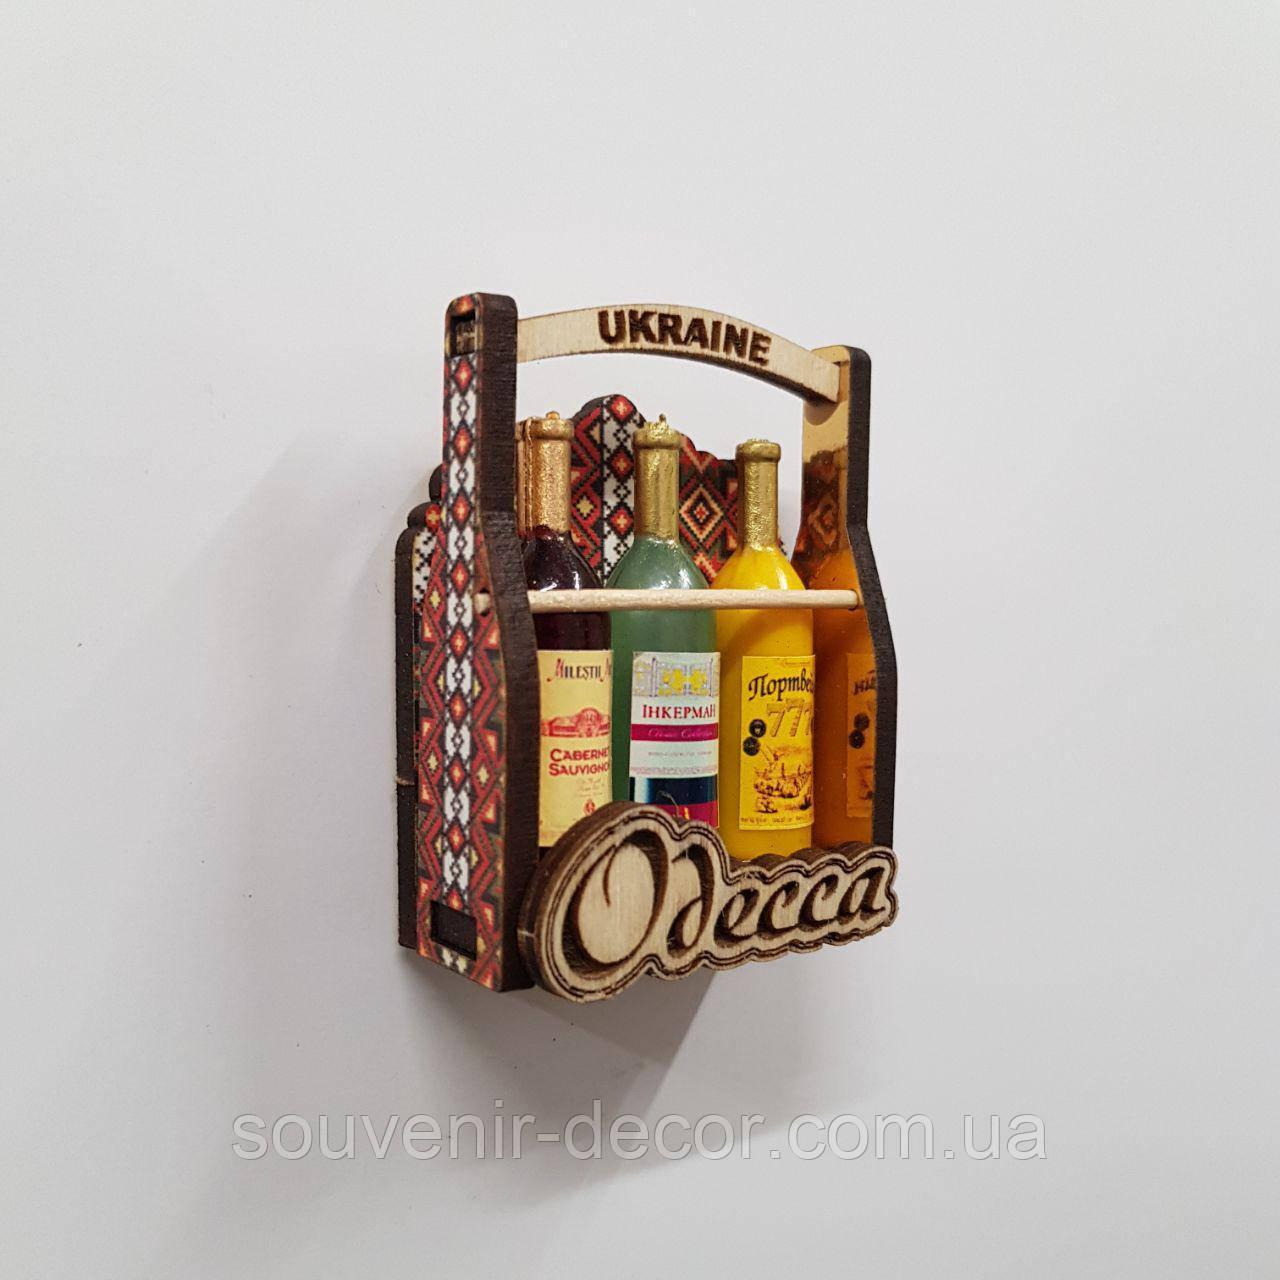 Магнит с 3 бутылками Одесса печать